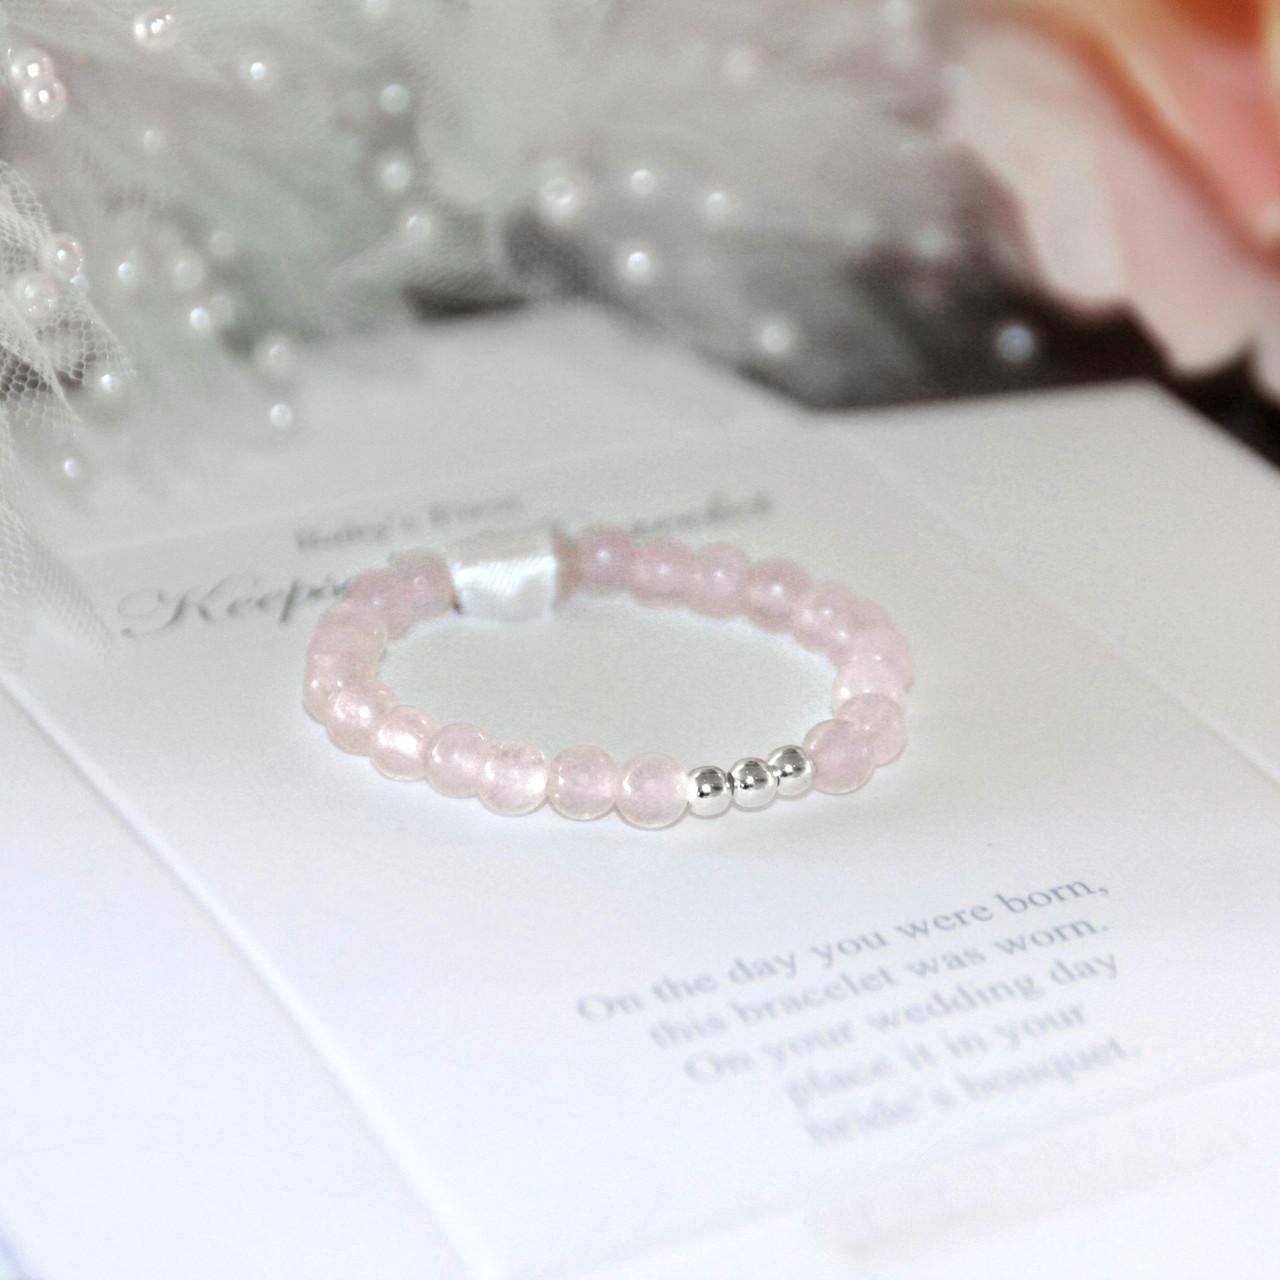 STG-270 Pink and Sterling Silver First Keepsake Bracelet for Infant